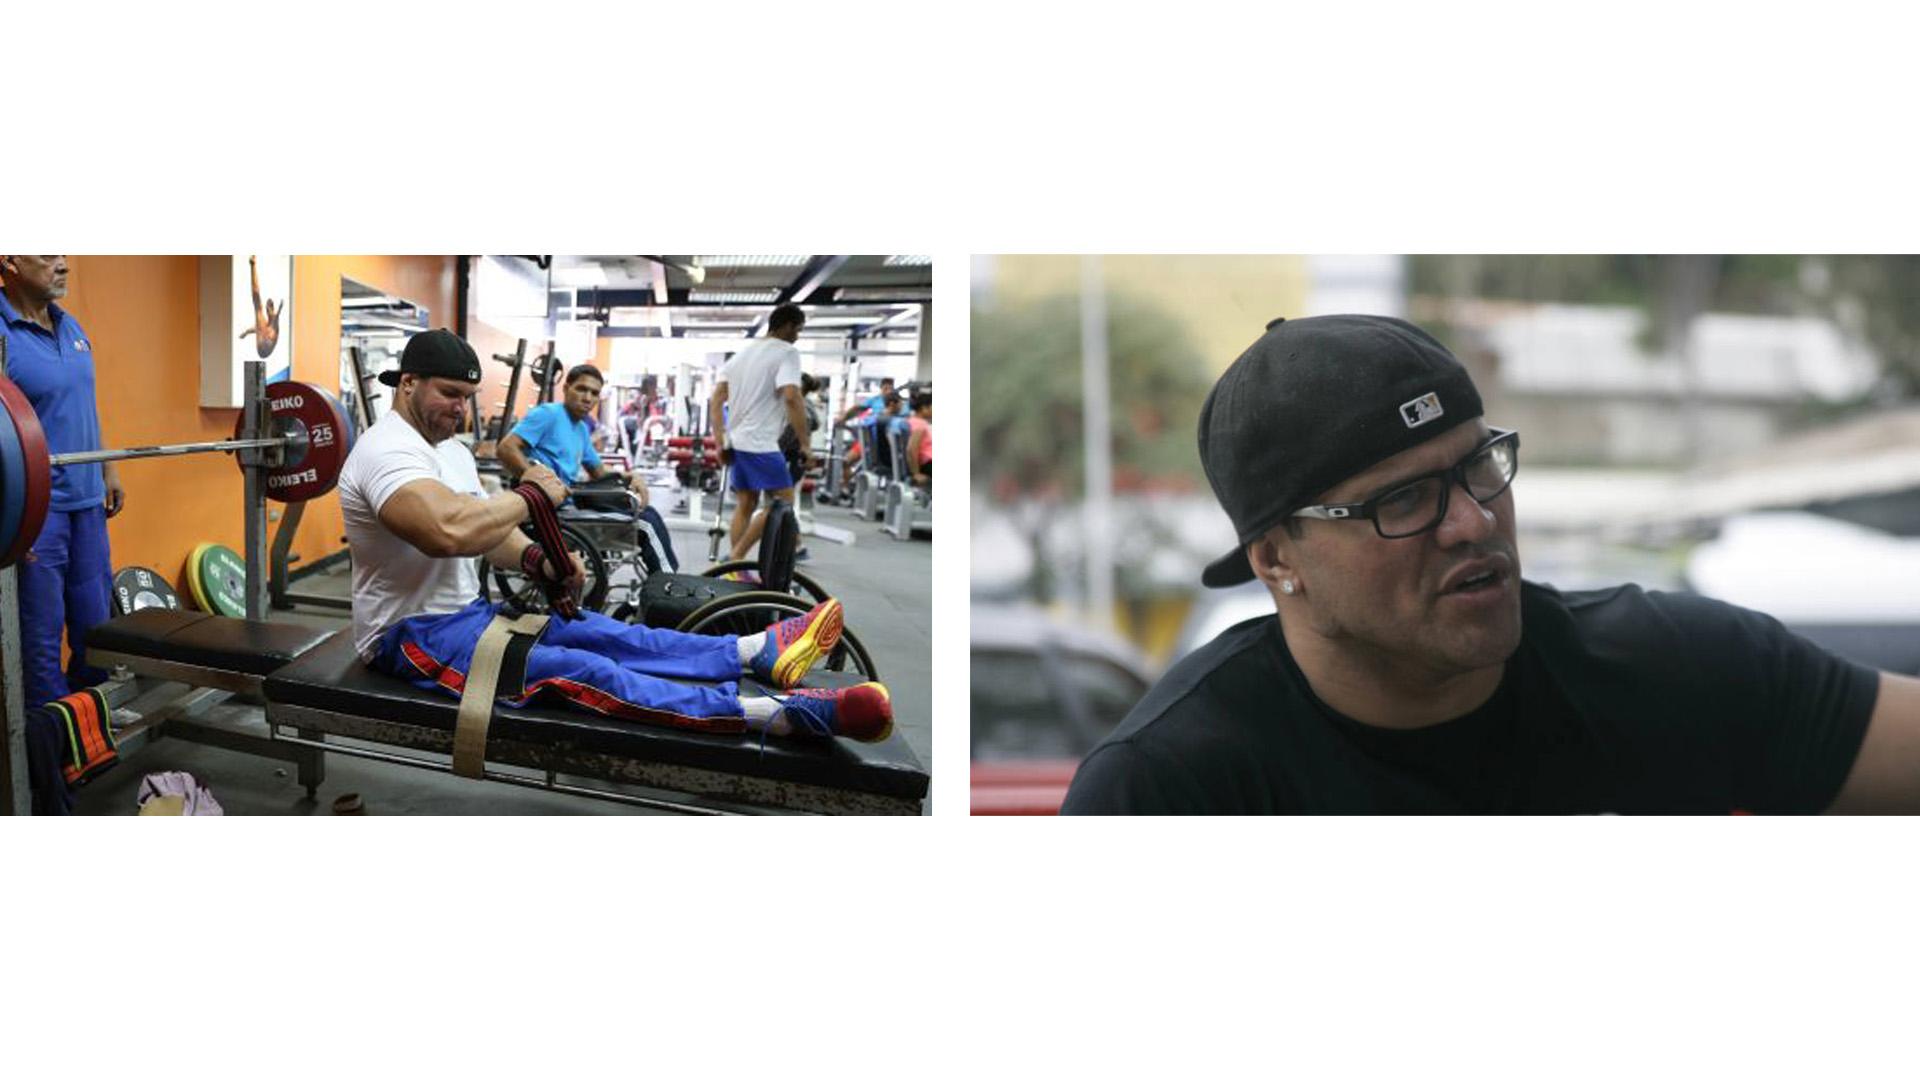 A sus 36 años el atleta paralímpico es un ejemplo para las personas que se encuentran en su condición